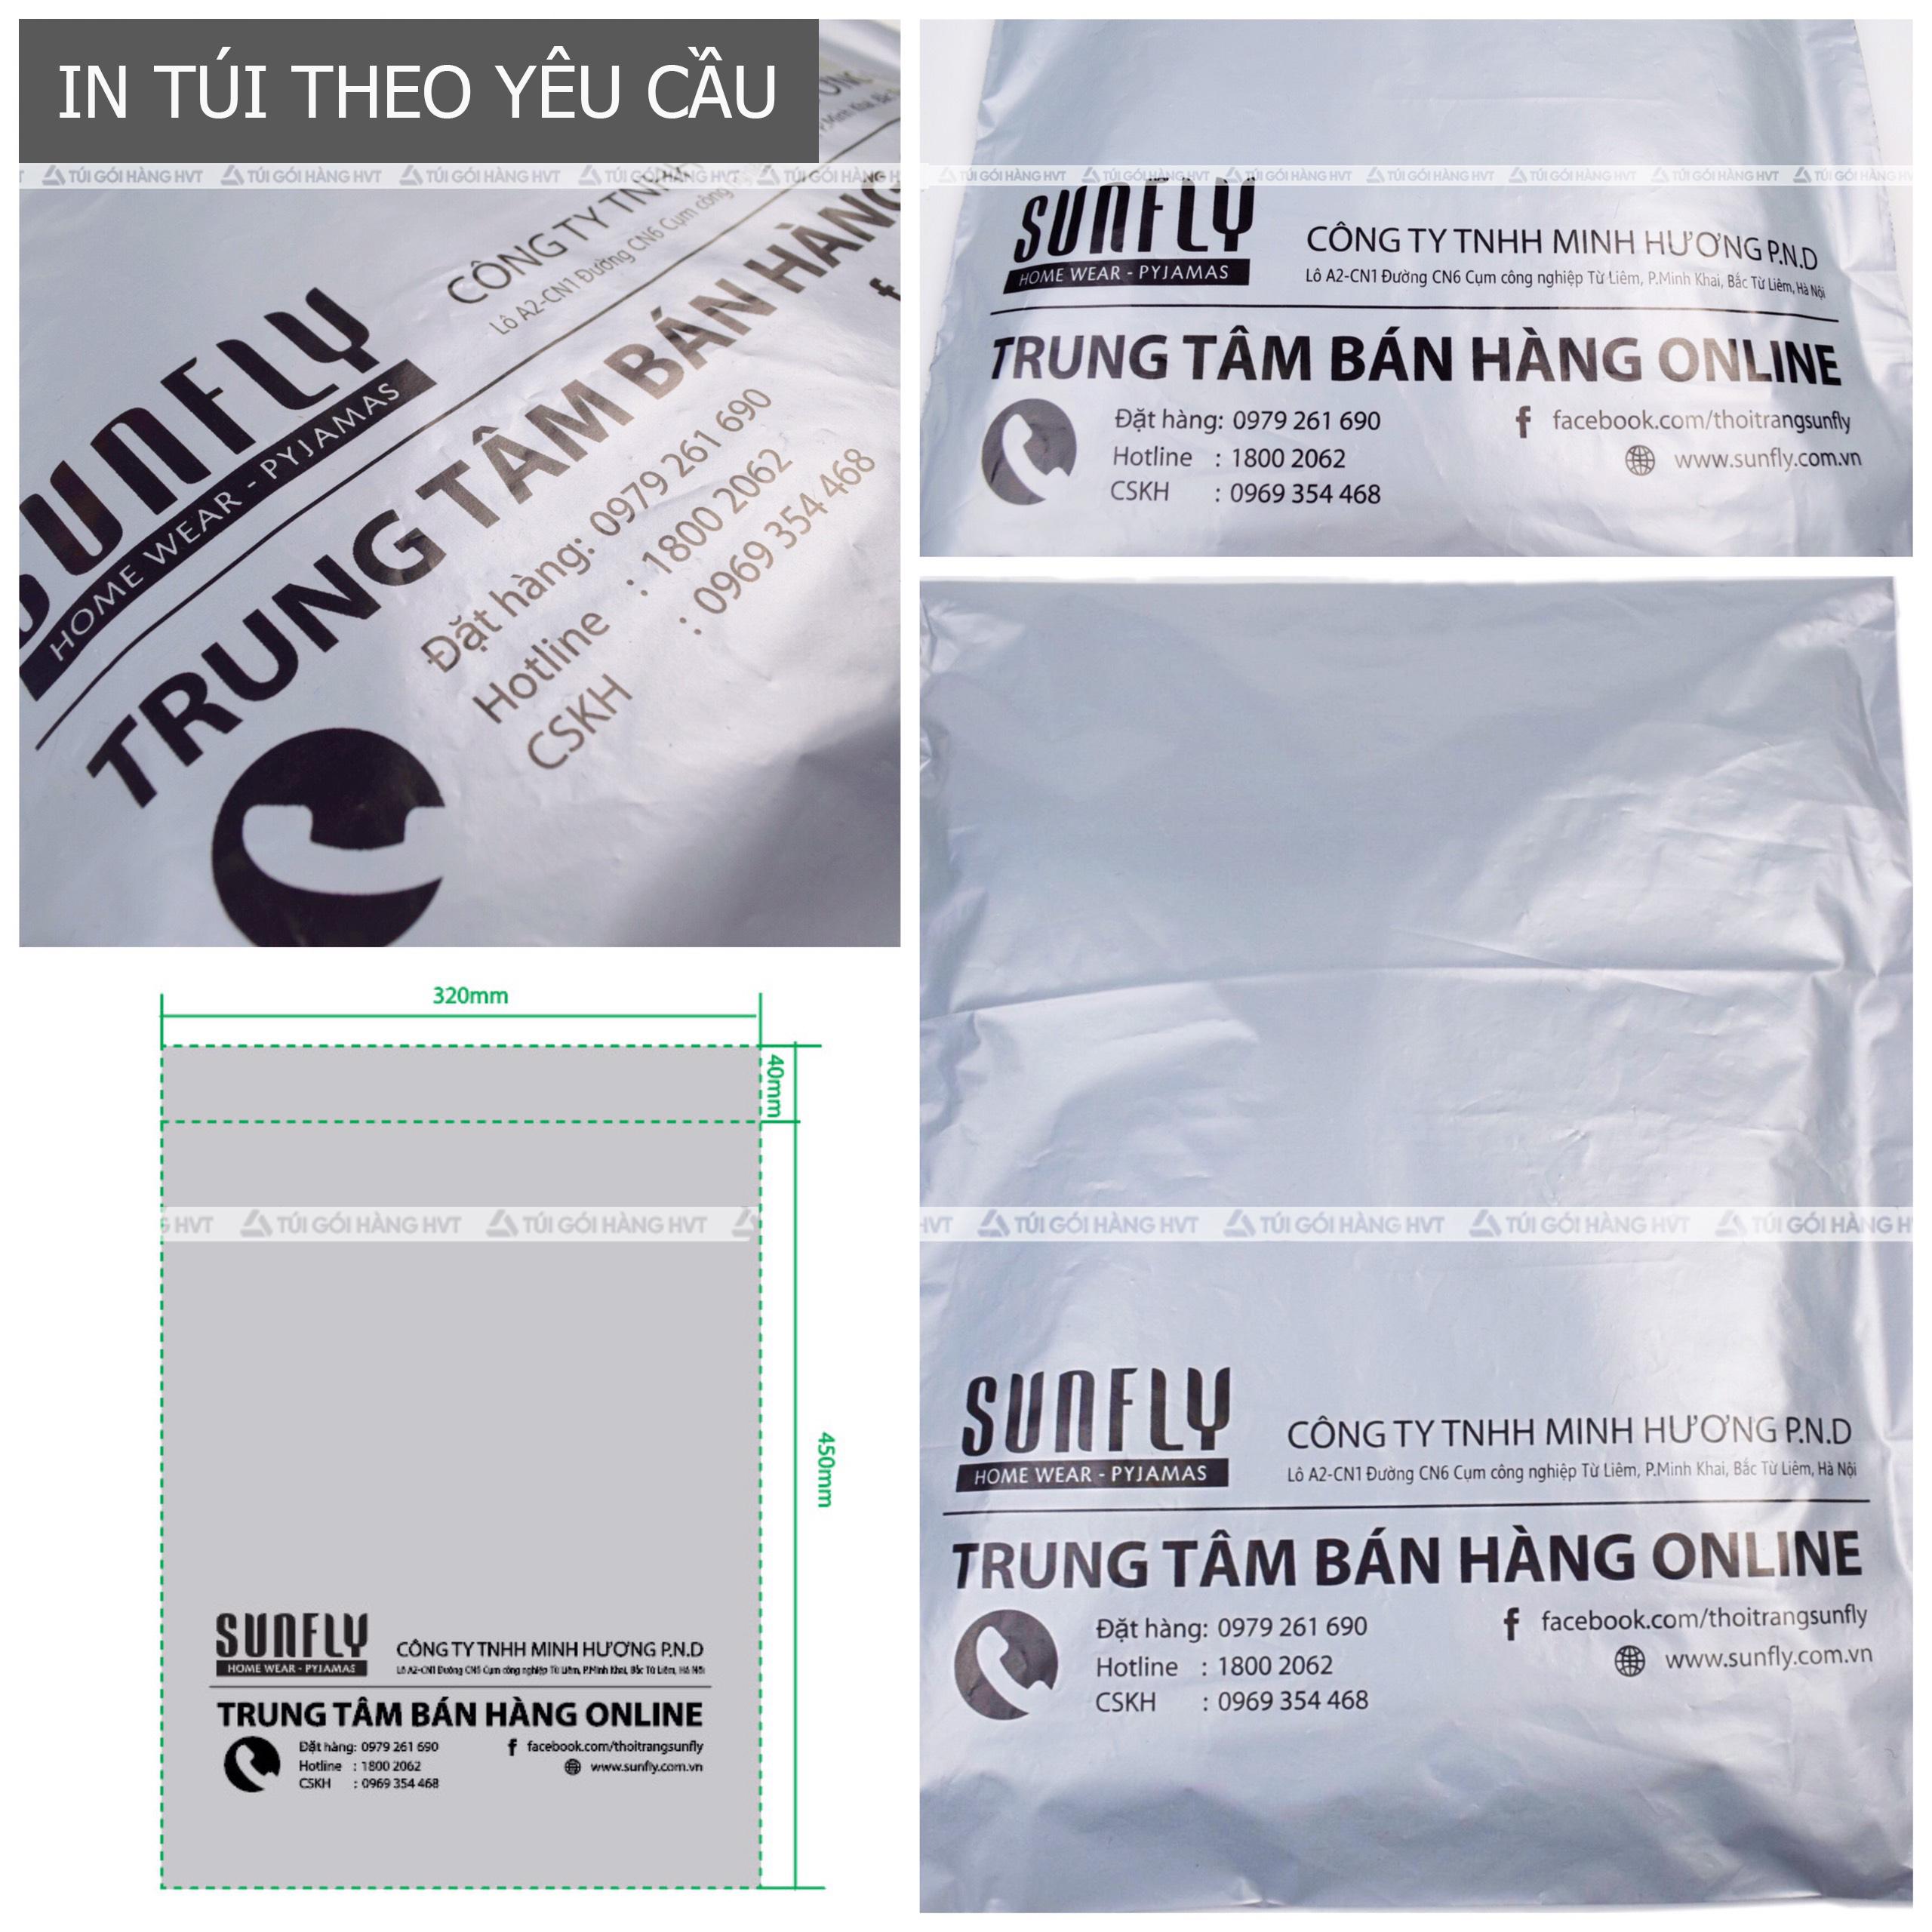 Túi gói hàng in logo thương hiệu màu bạc mực đen